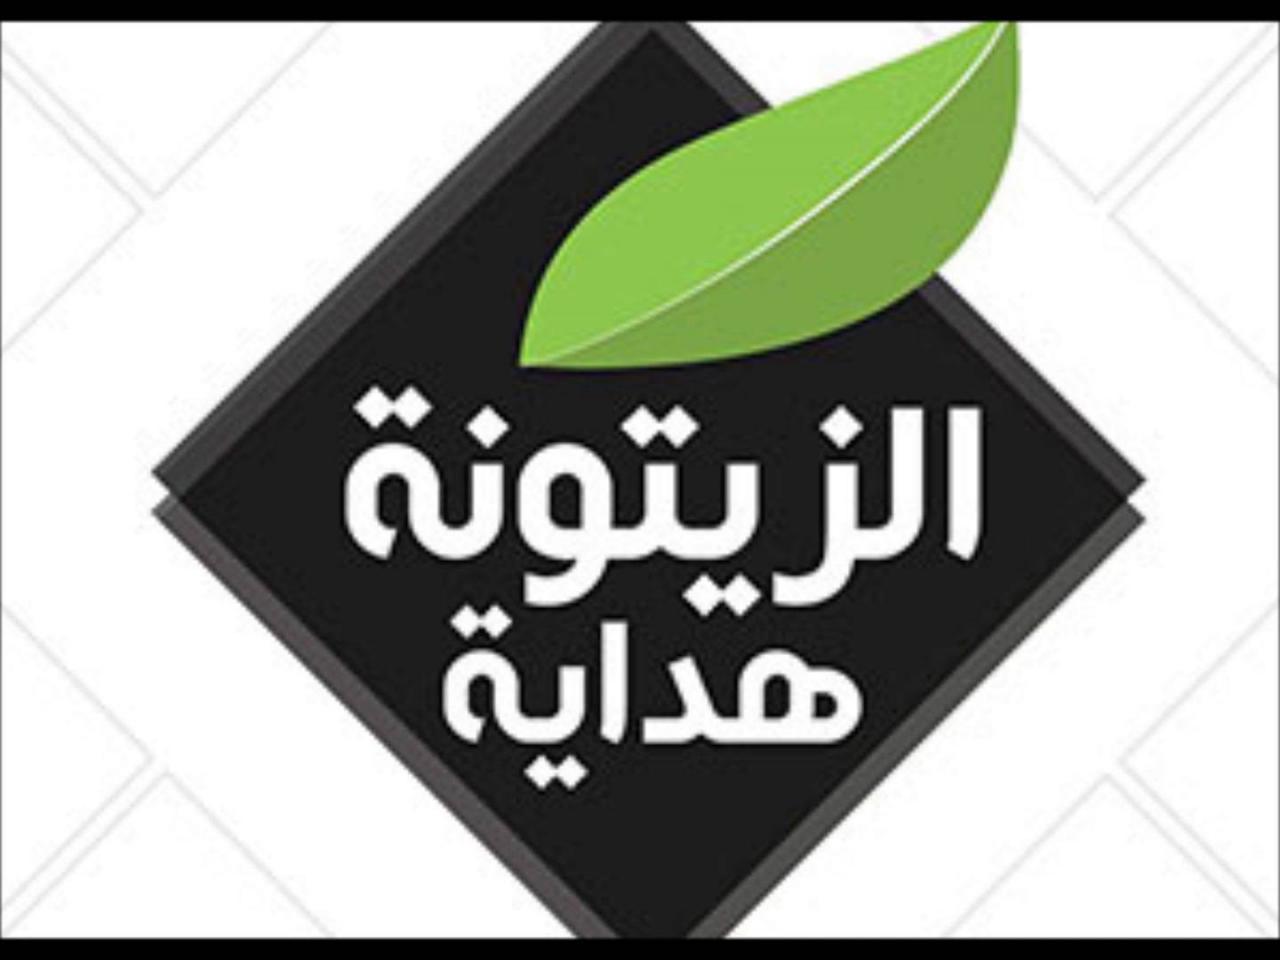 صورة تردد قناة الزيتونة , معلومات عن قناة الزيتونه وما هو ترددها